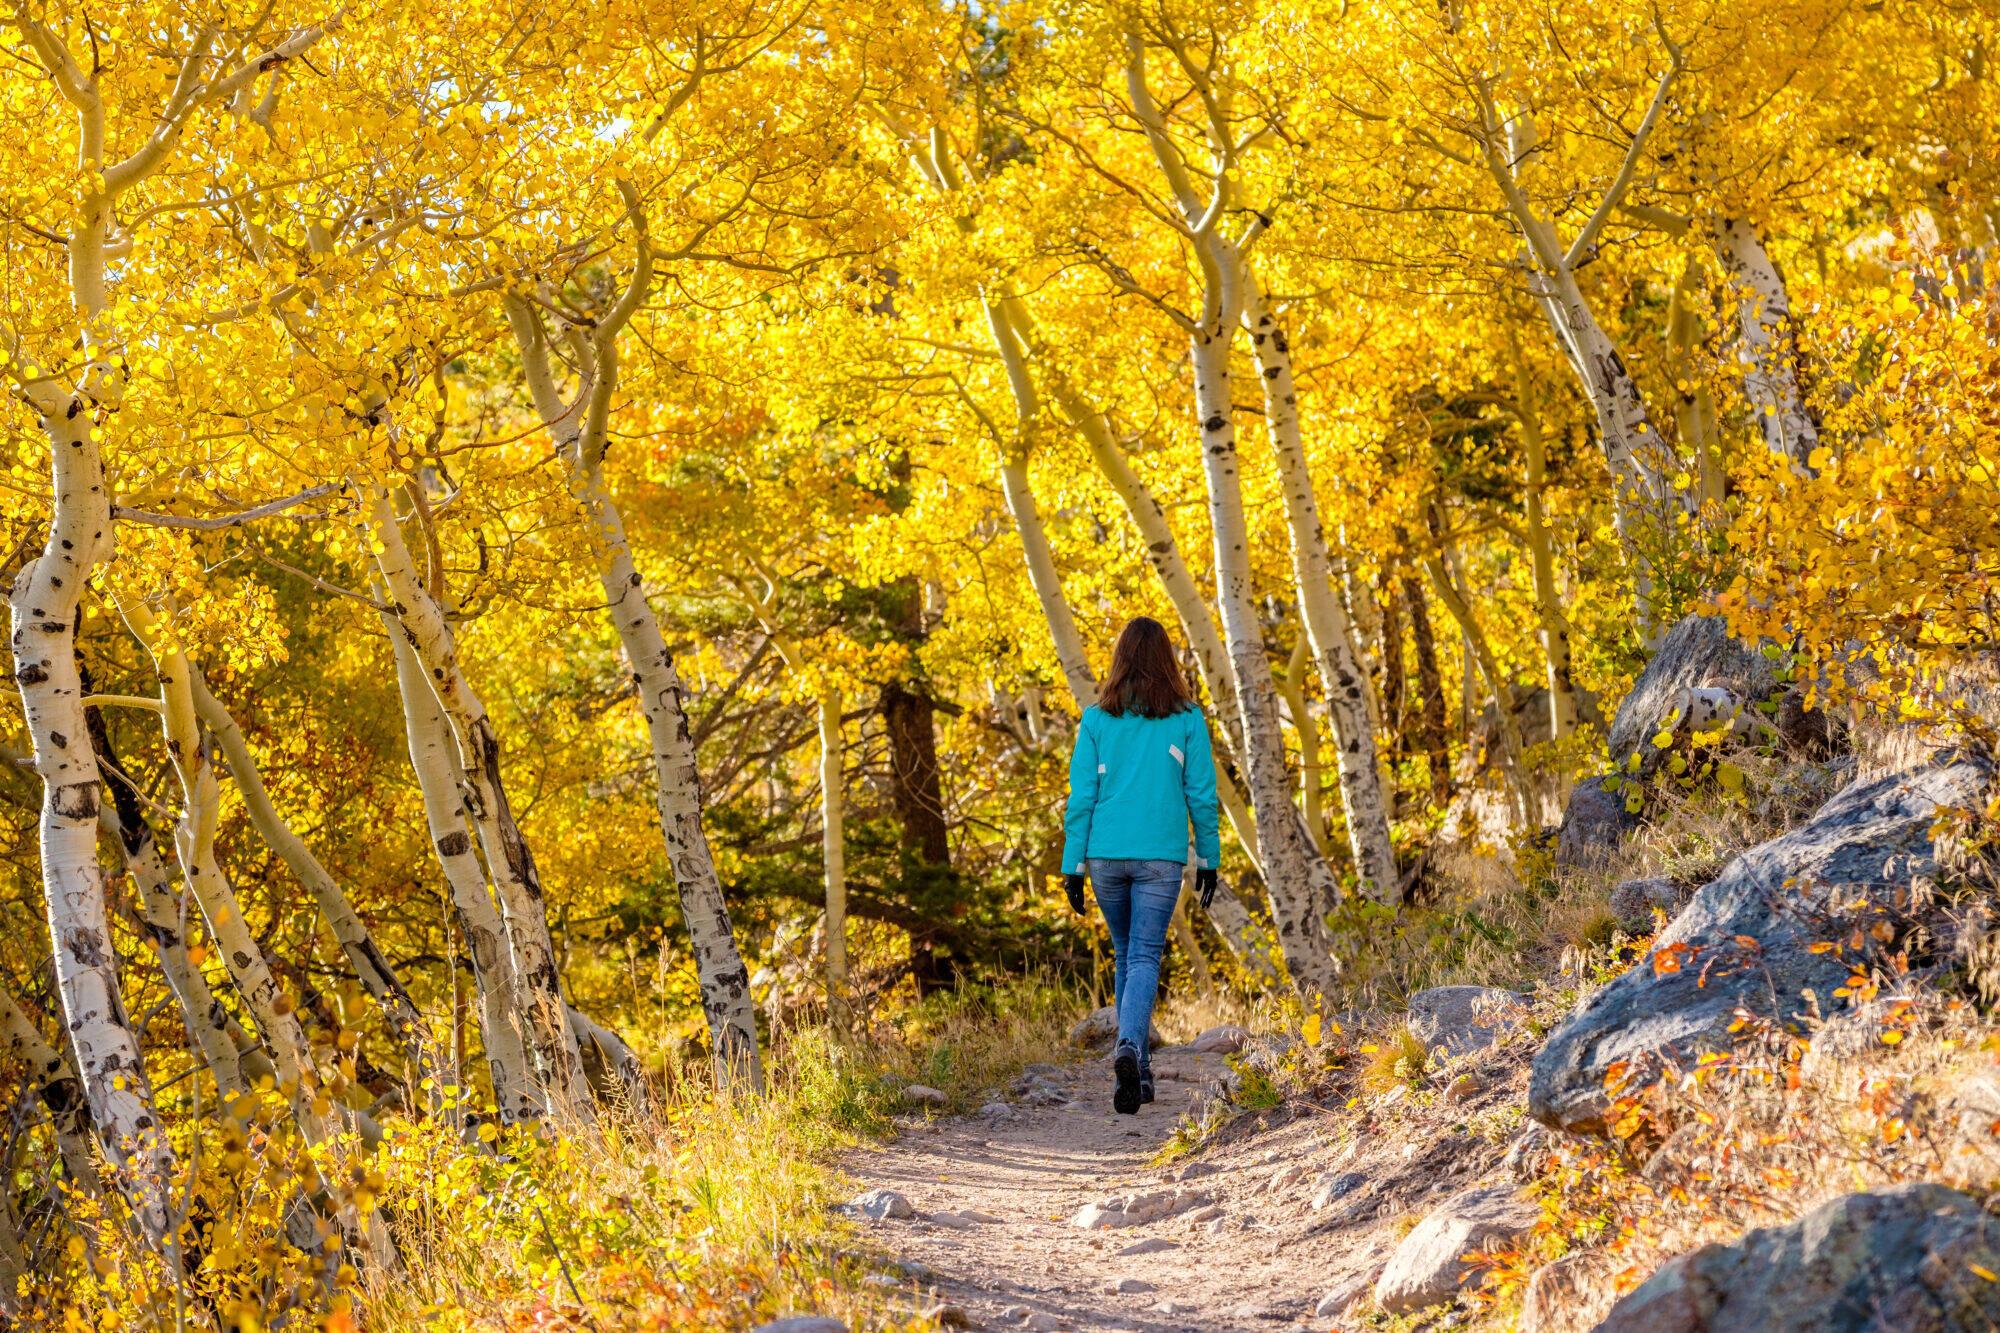 randonnée automne